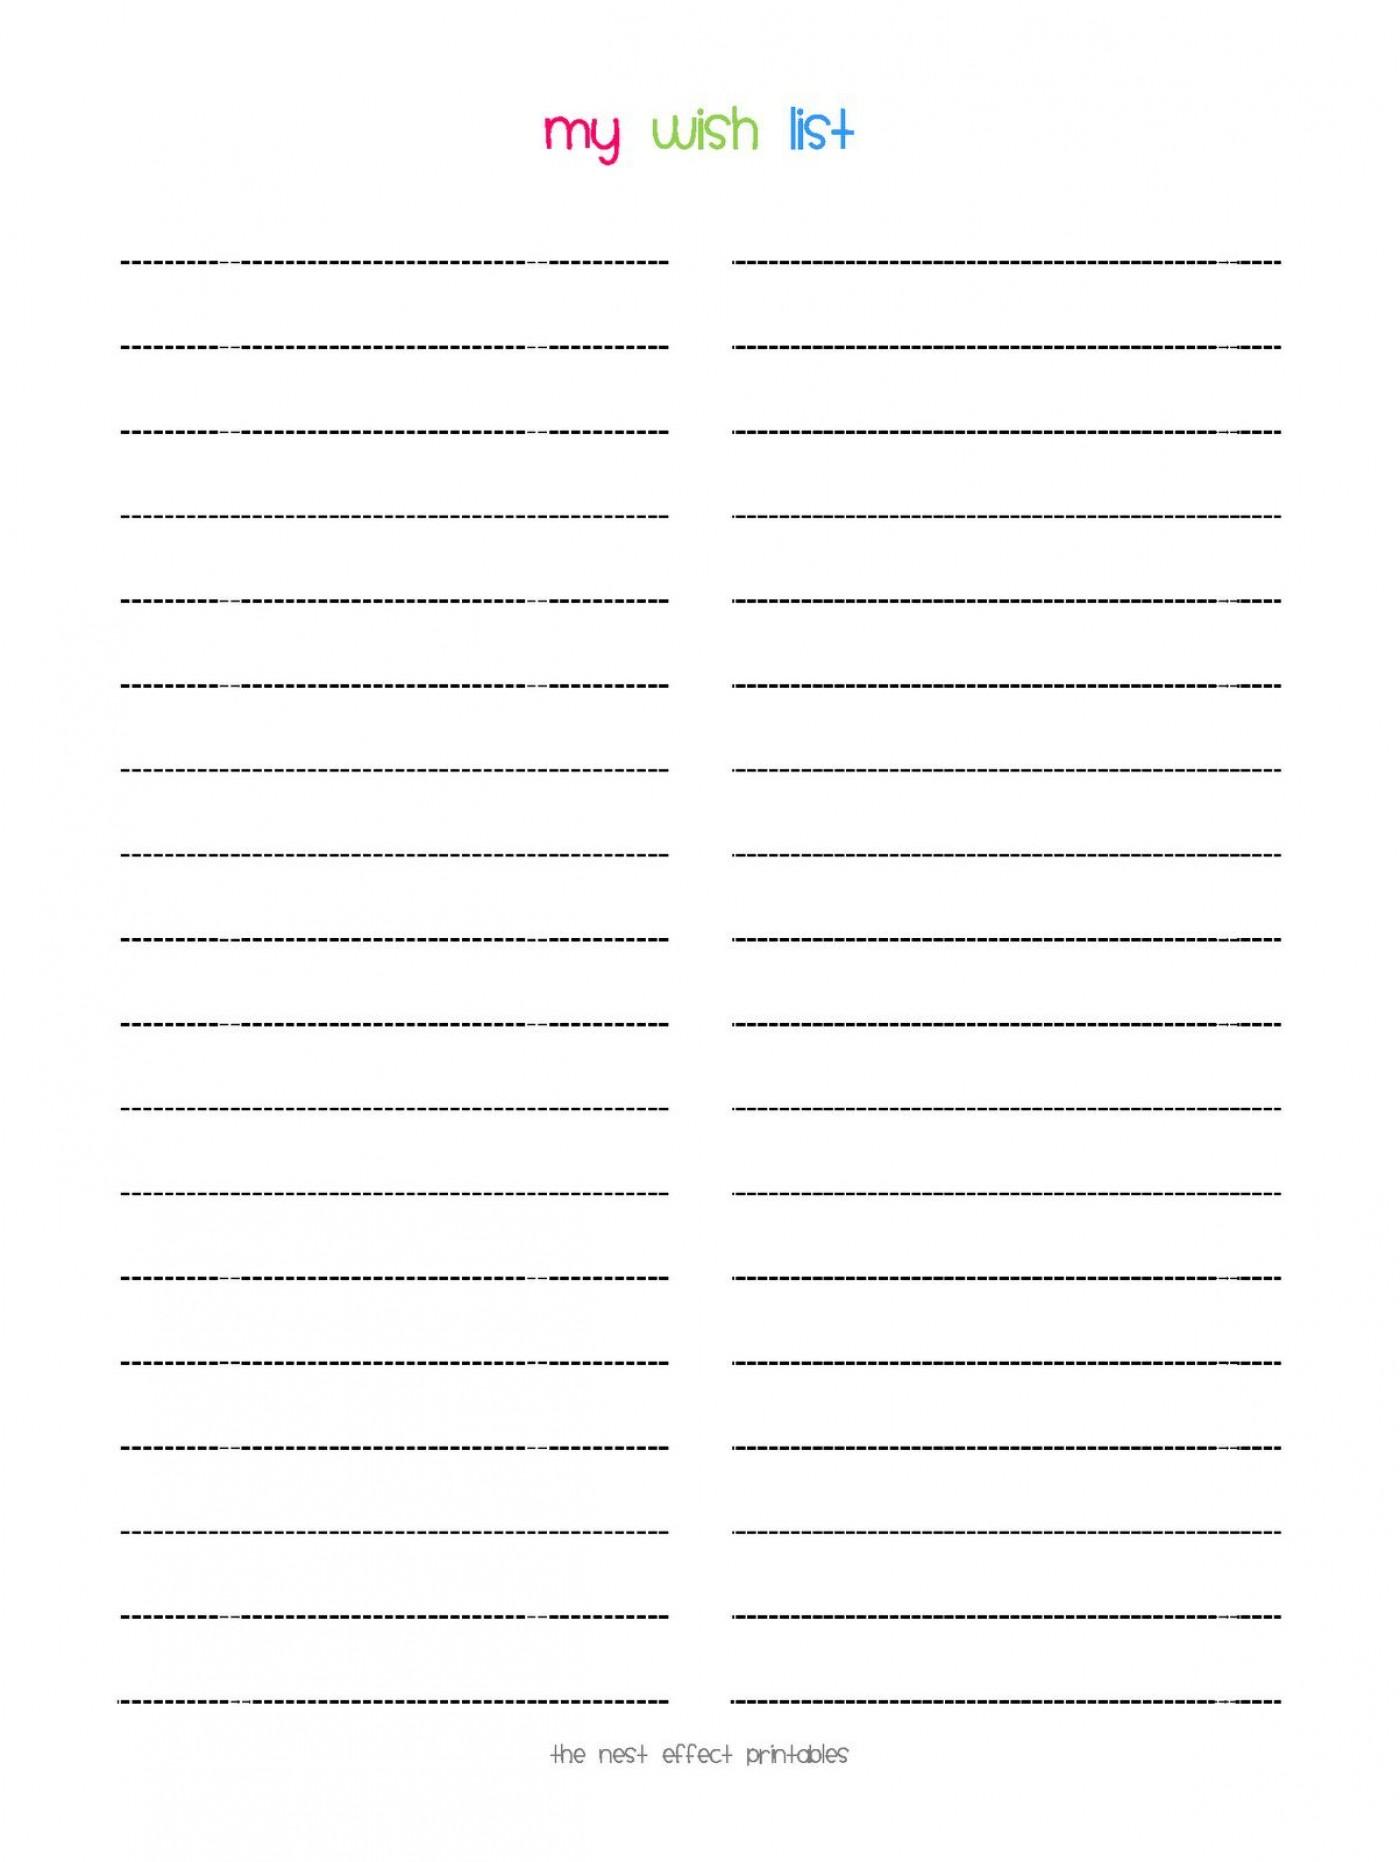 008 Stunning Printable Wish List Template Idea  Santa Free Secret1400